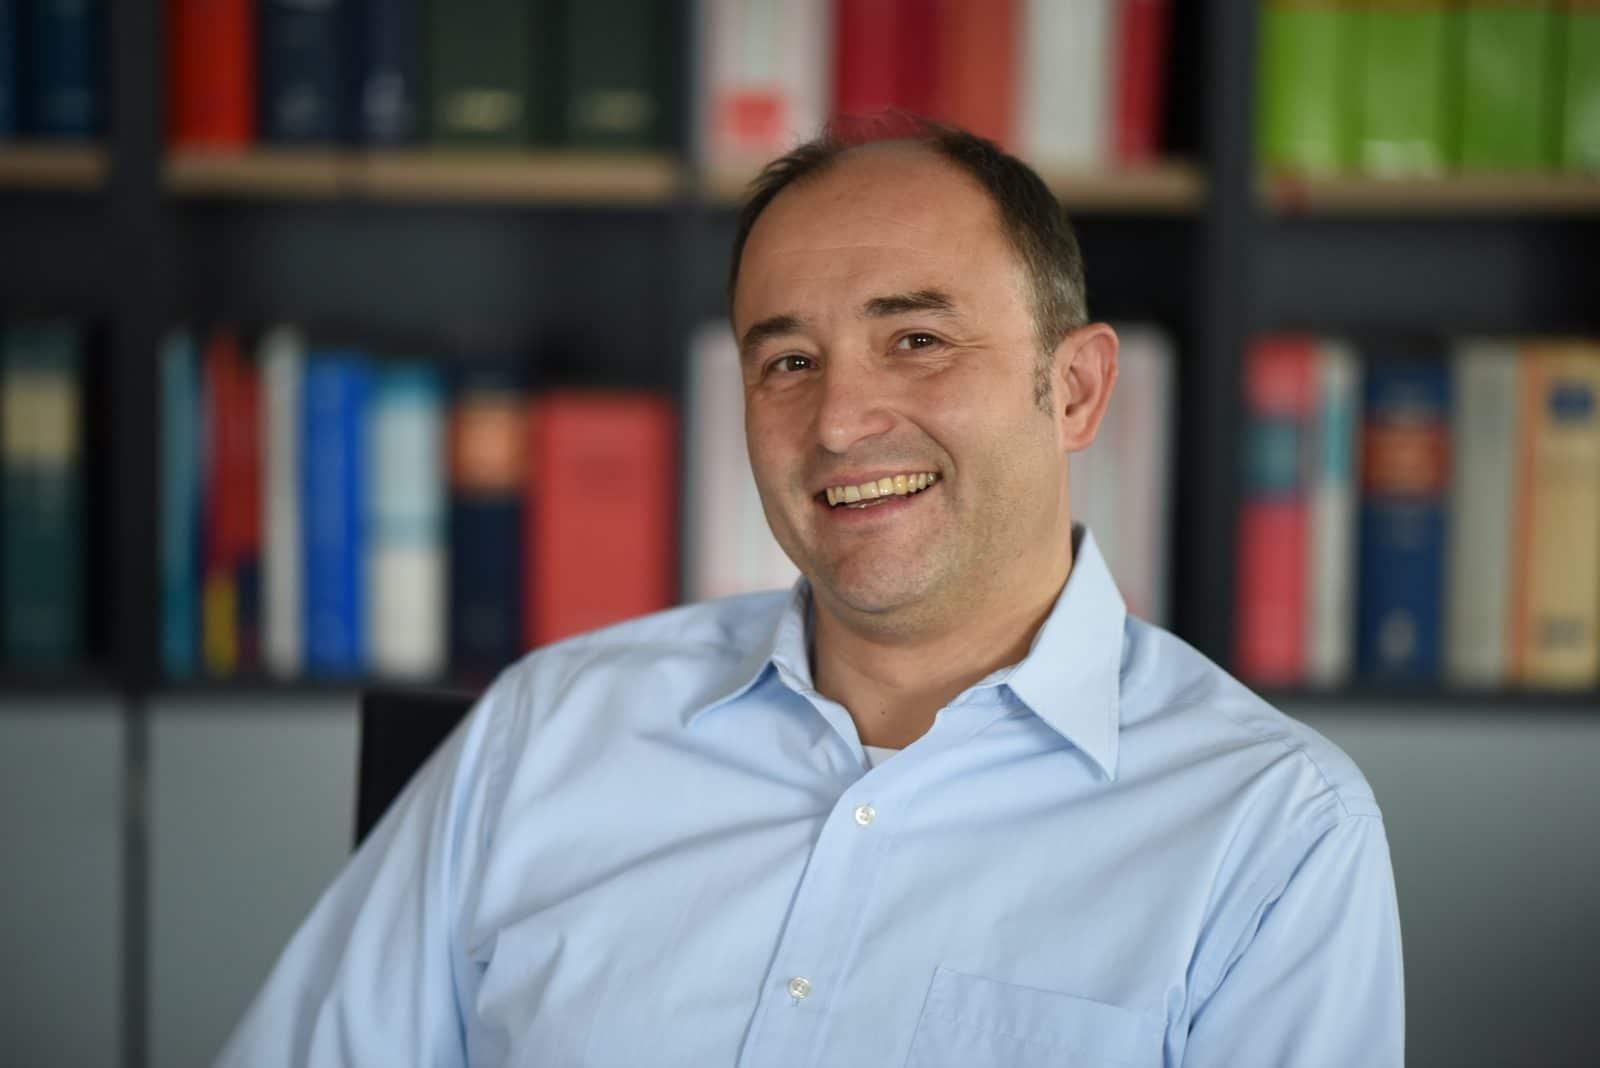 Datenschutzexperte Timo Schutt